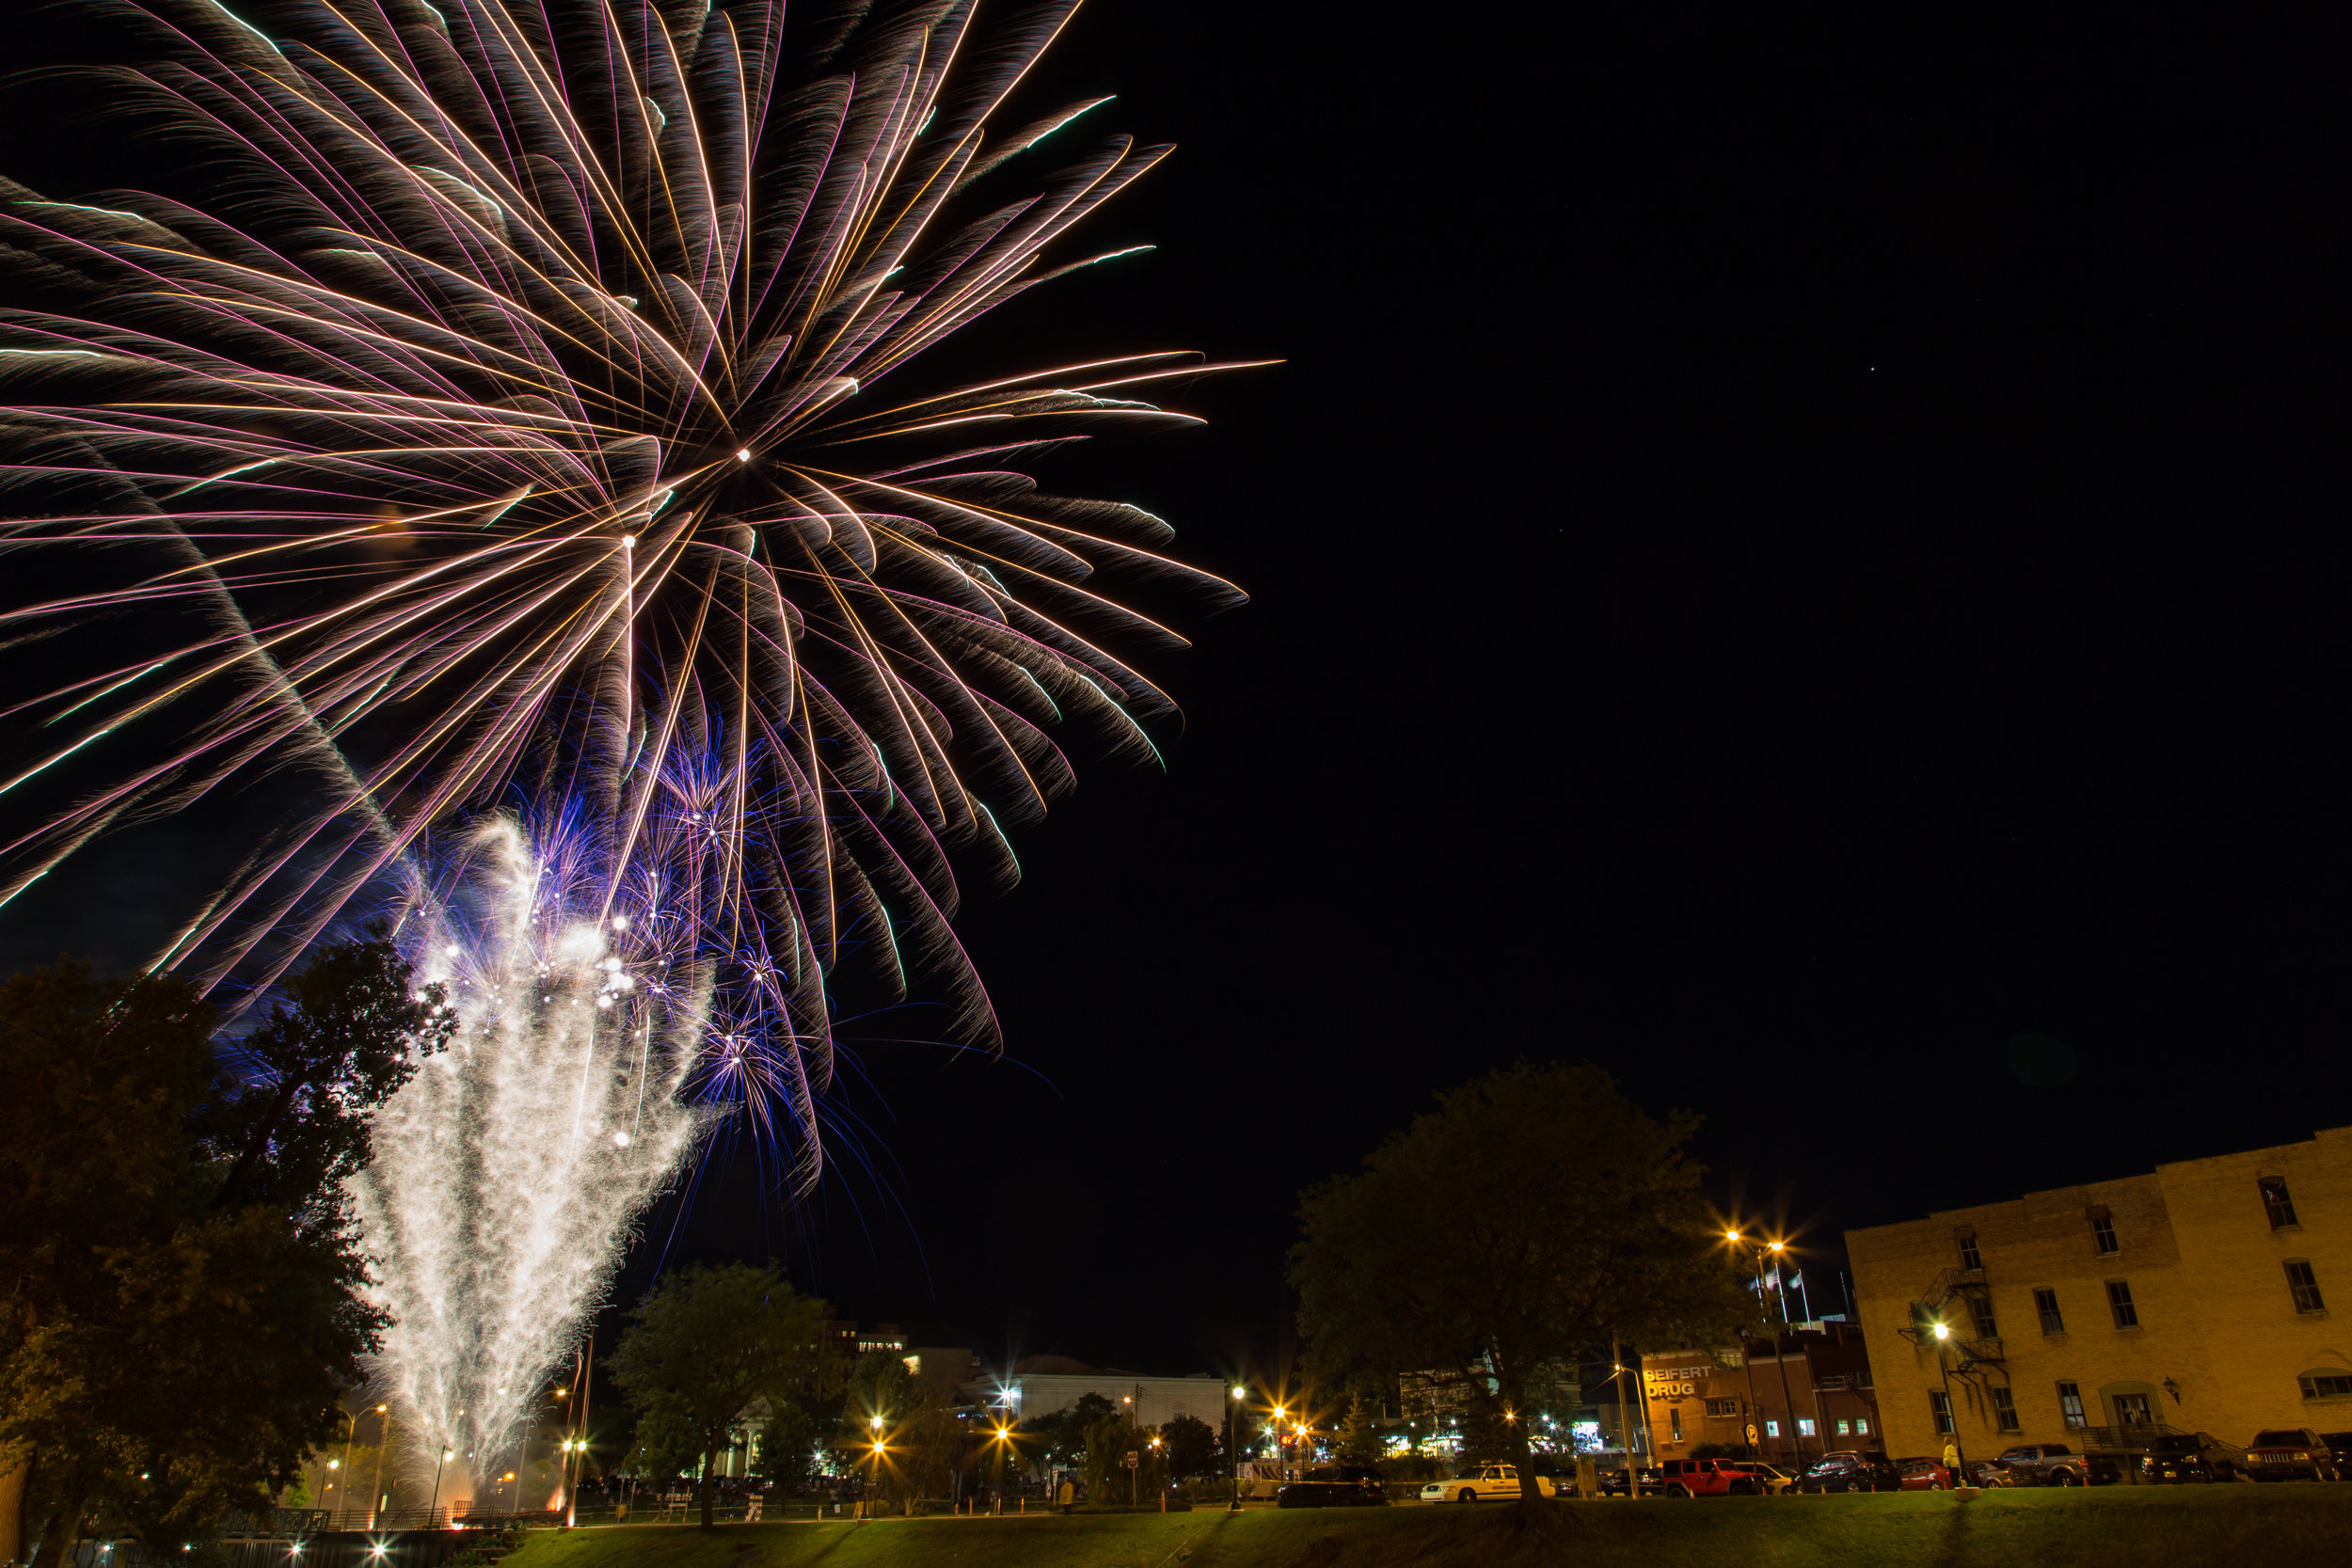 jass-fest_fireworks-11.jpg